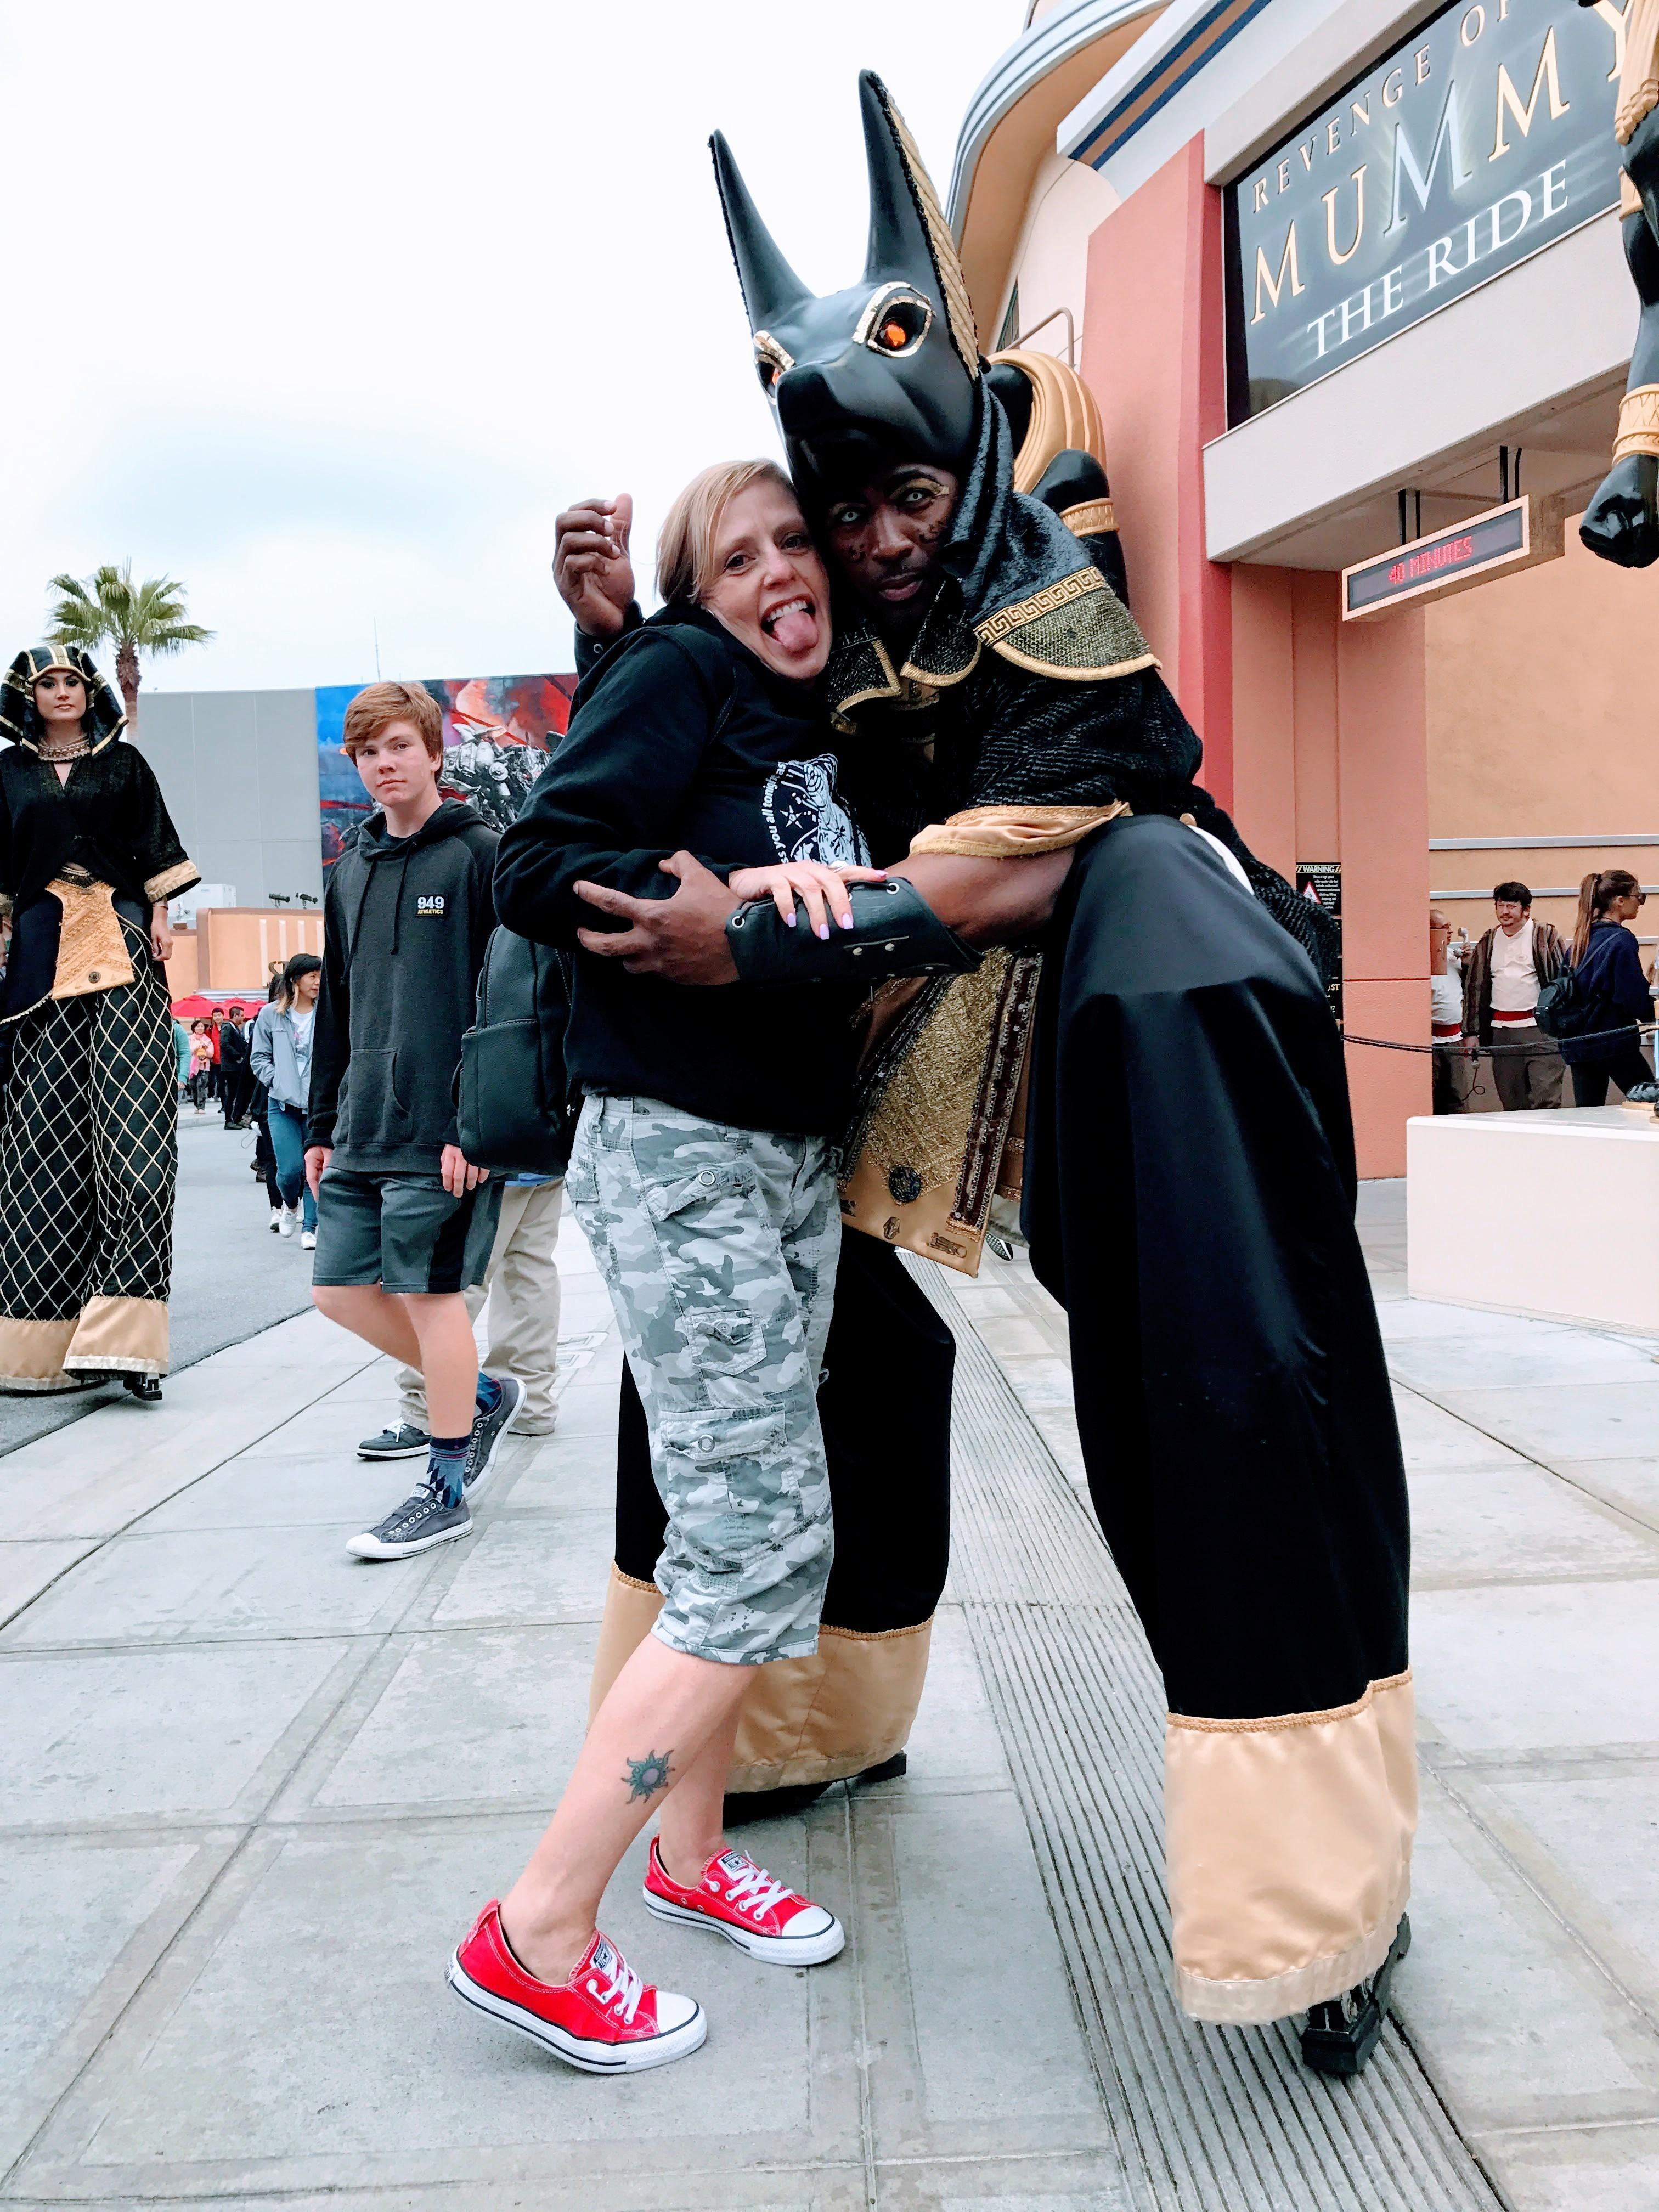 BADA Universal Studios Trip